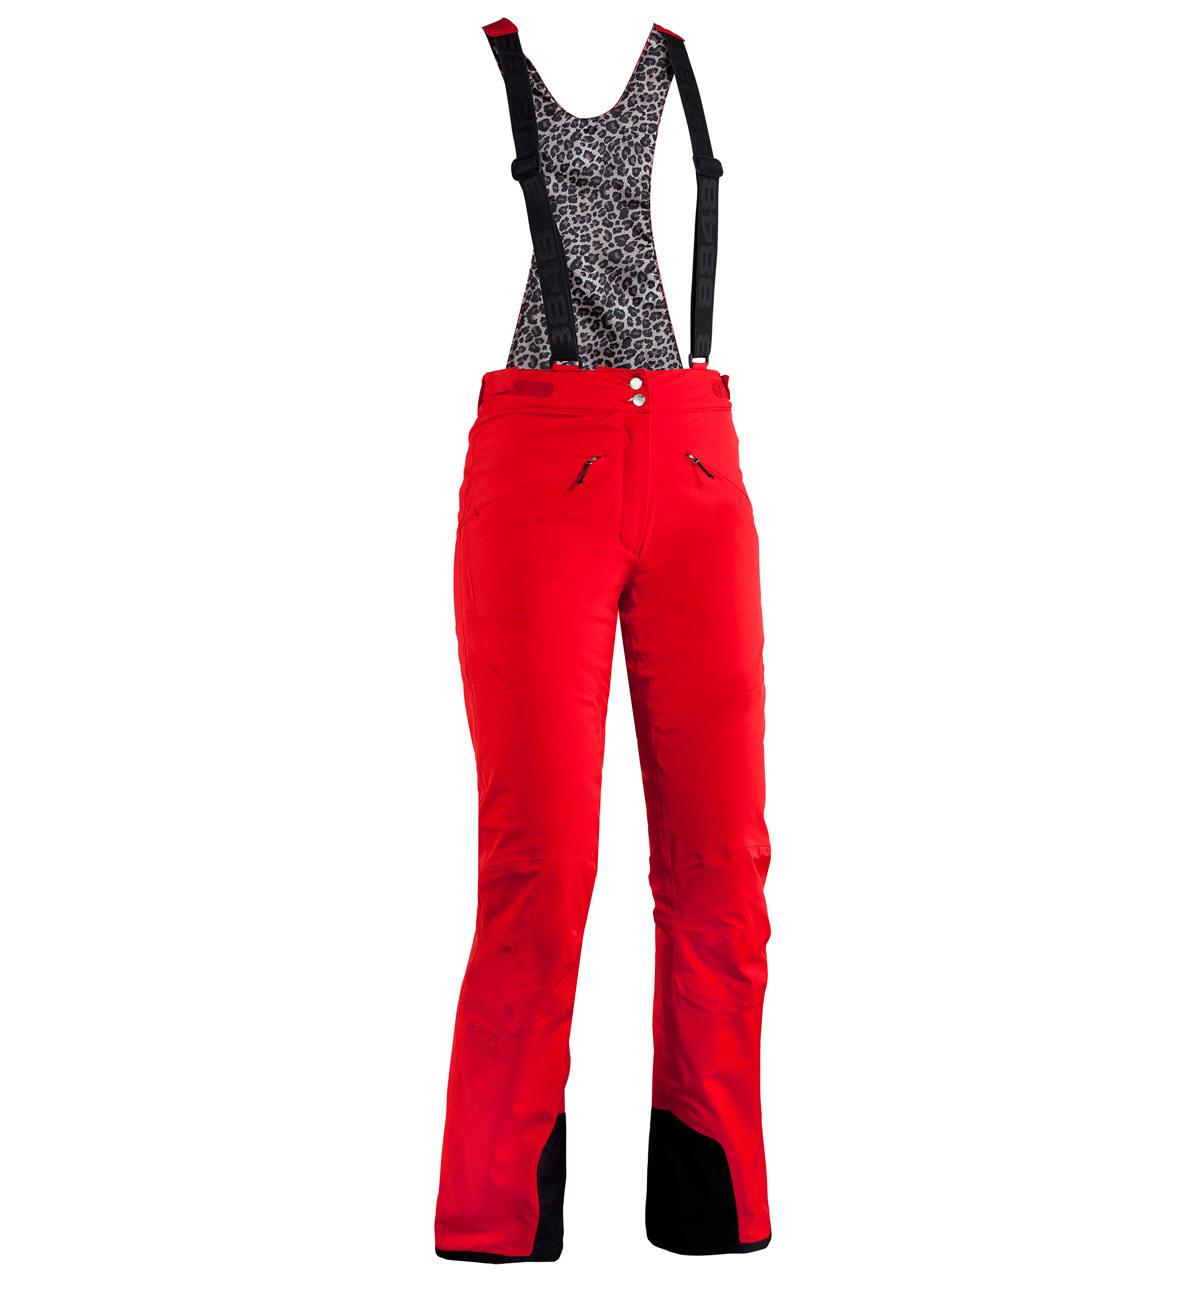 Женские горнолыжные брюки 8848 Altitude Poppy Red (668603)